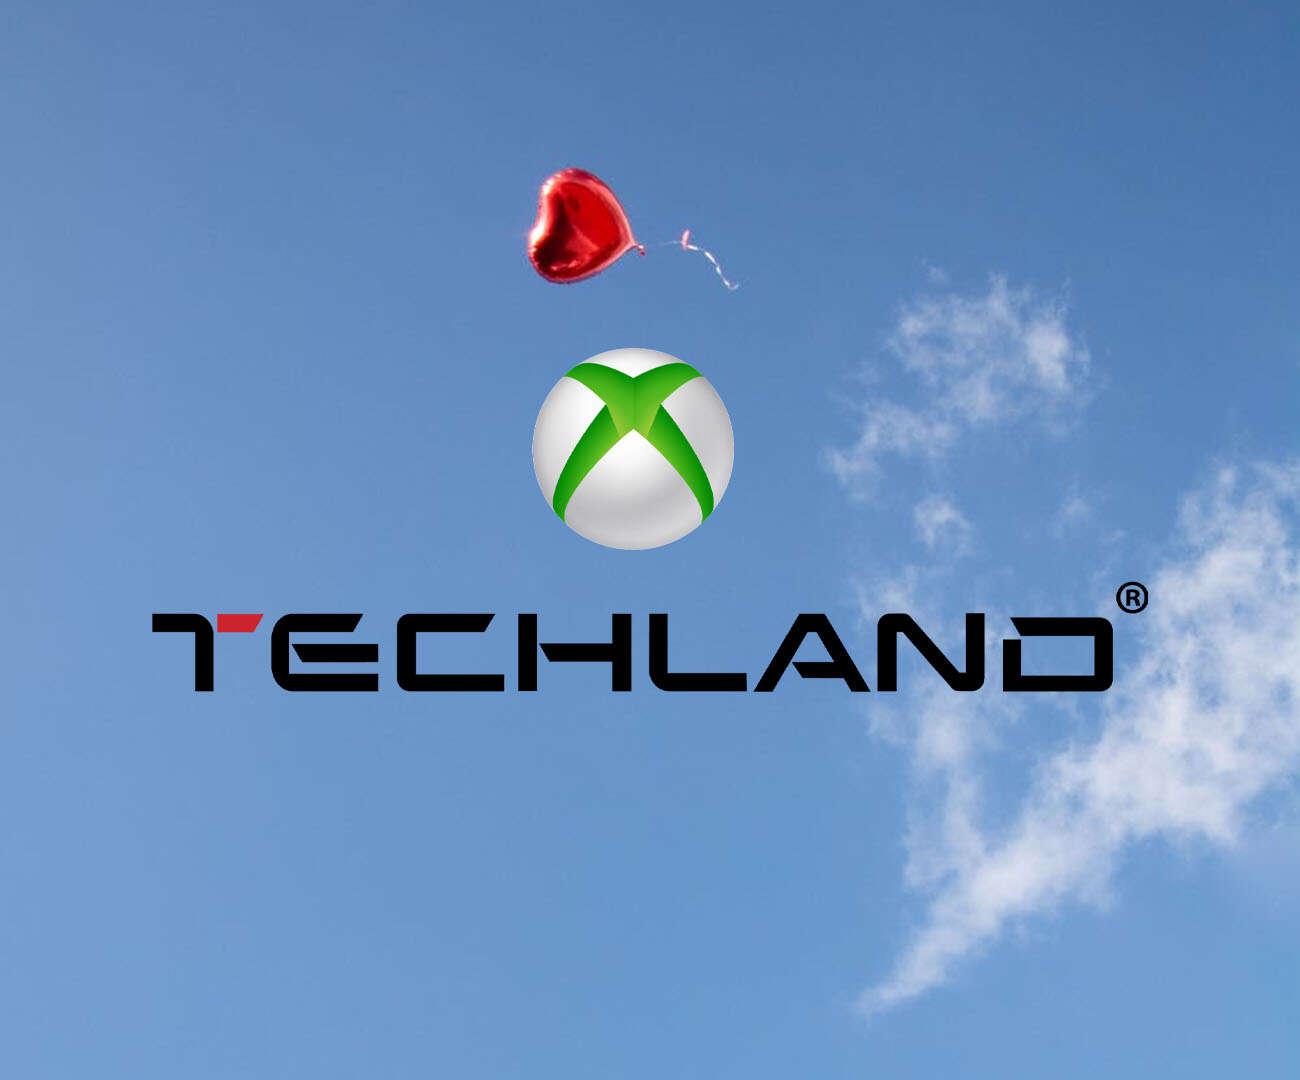 techland, xbox